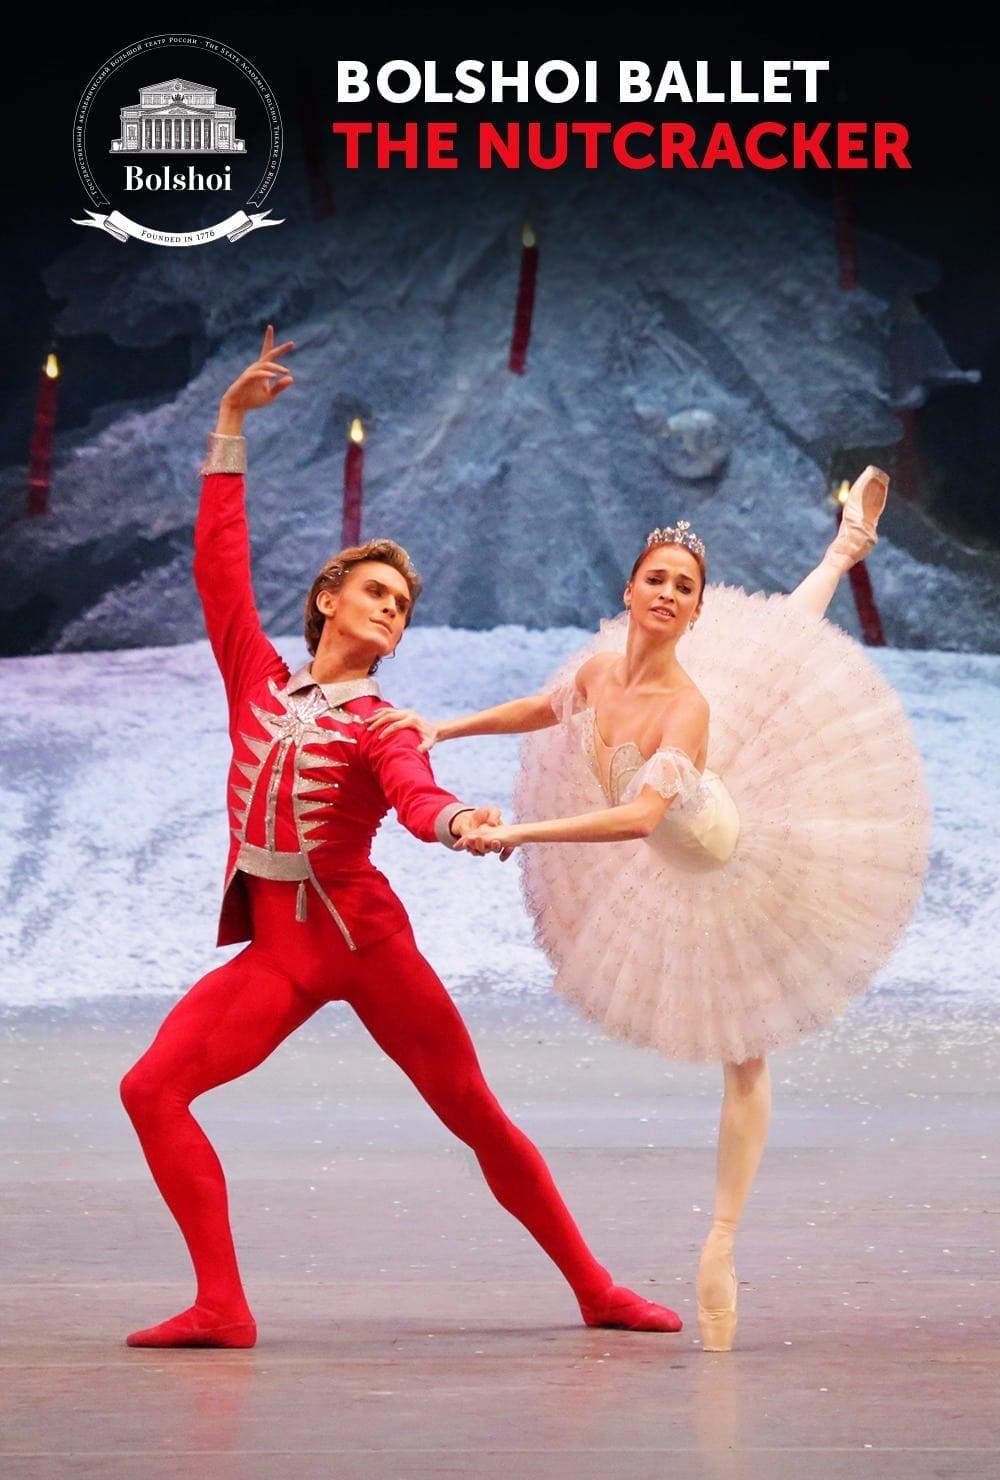 Fathom Events presents The Bolshoi Ballet's Nutcracker